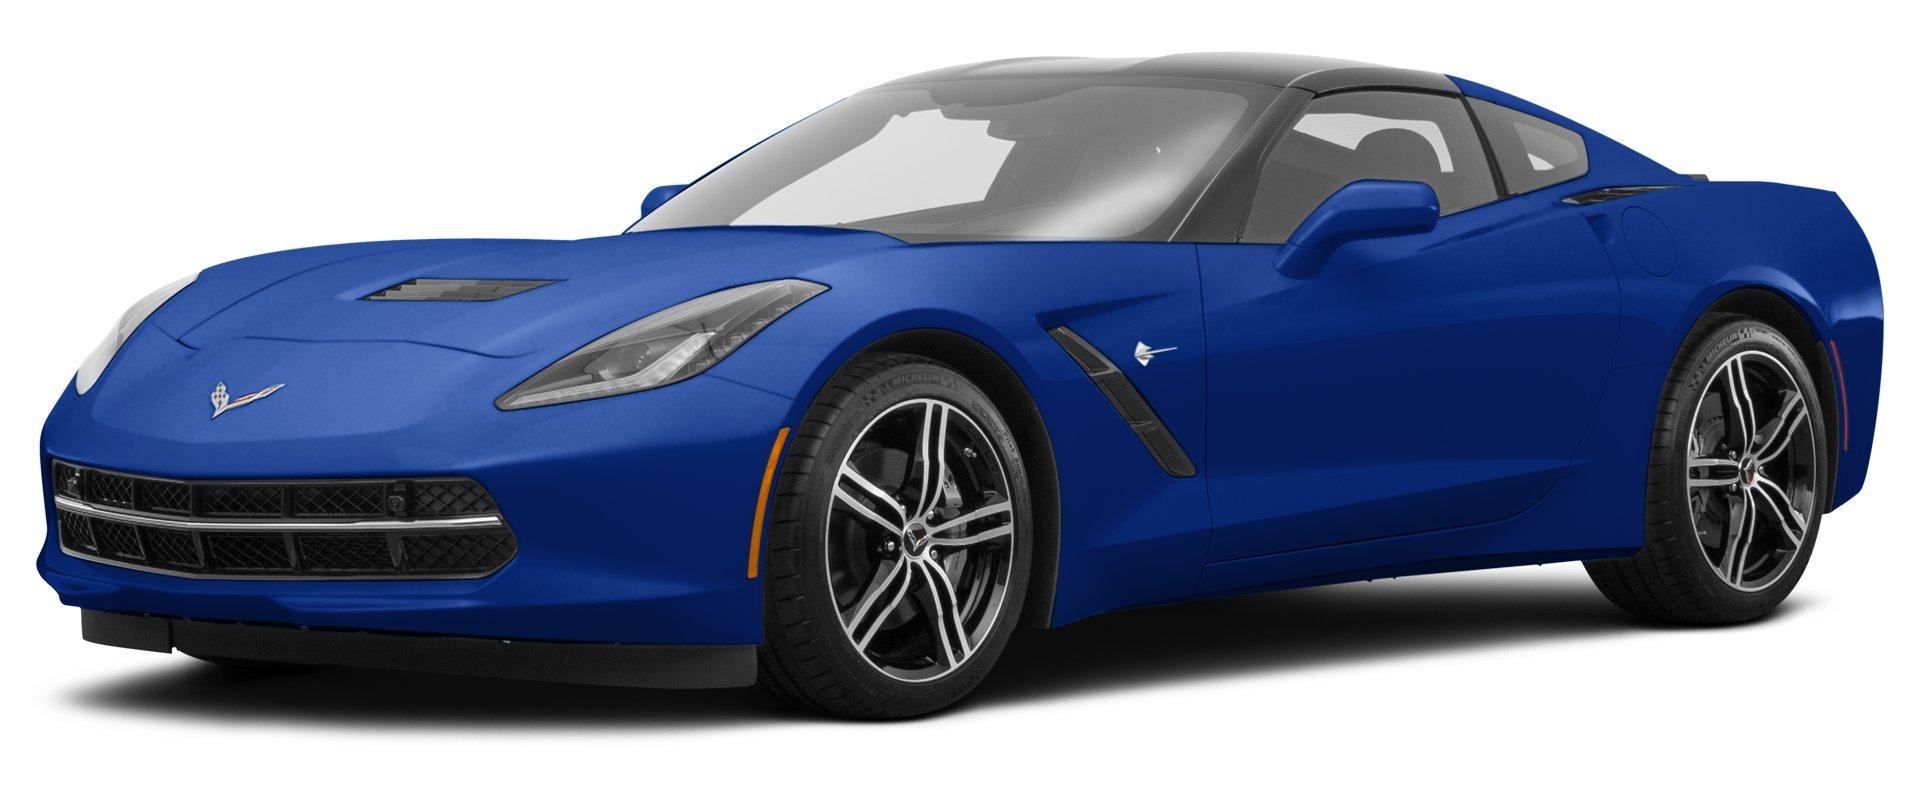 2017 Chevrolet Corvette Stingray >> 2017 Chevrolet Corvette 2lt 2 Door Stingray Coupe Admiral Blue Metallic